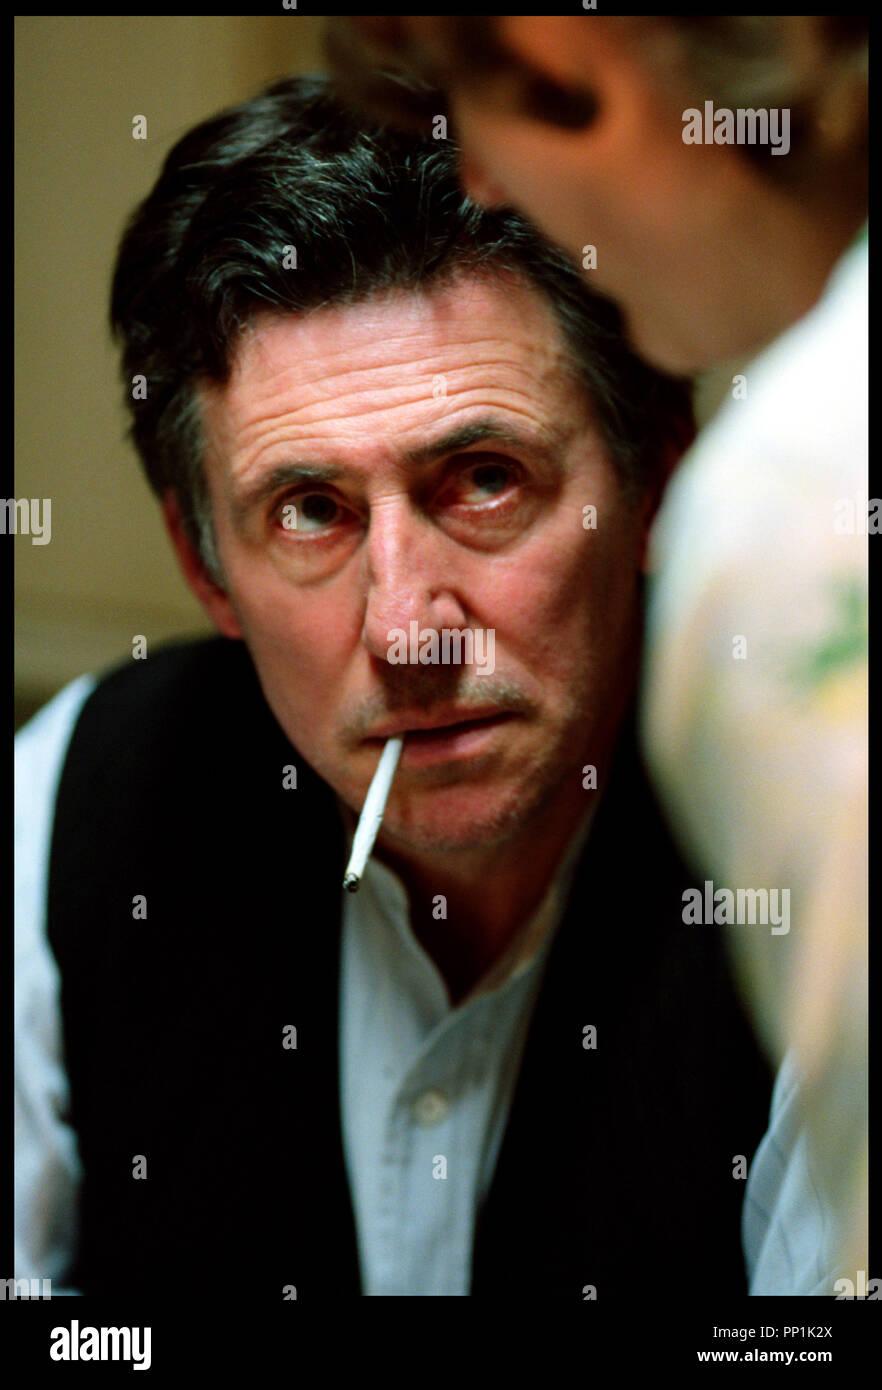 Prod DB © Grosvenor Park - CBL / DR SPIDER (SPIDER) de David Cronenberg 2002 USA avec Gabriel Byrne portrait, cigarette roulee d'apres le roman de Patrick McGrath - Stock Image